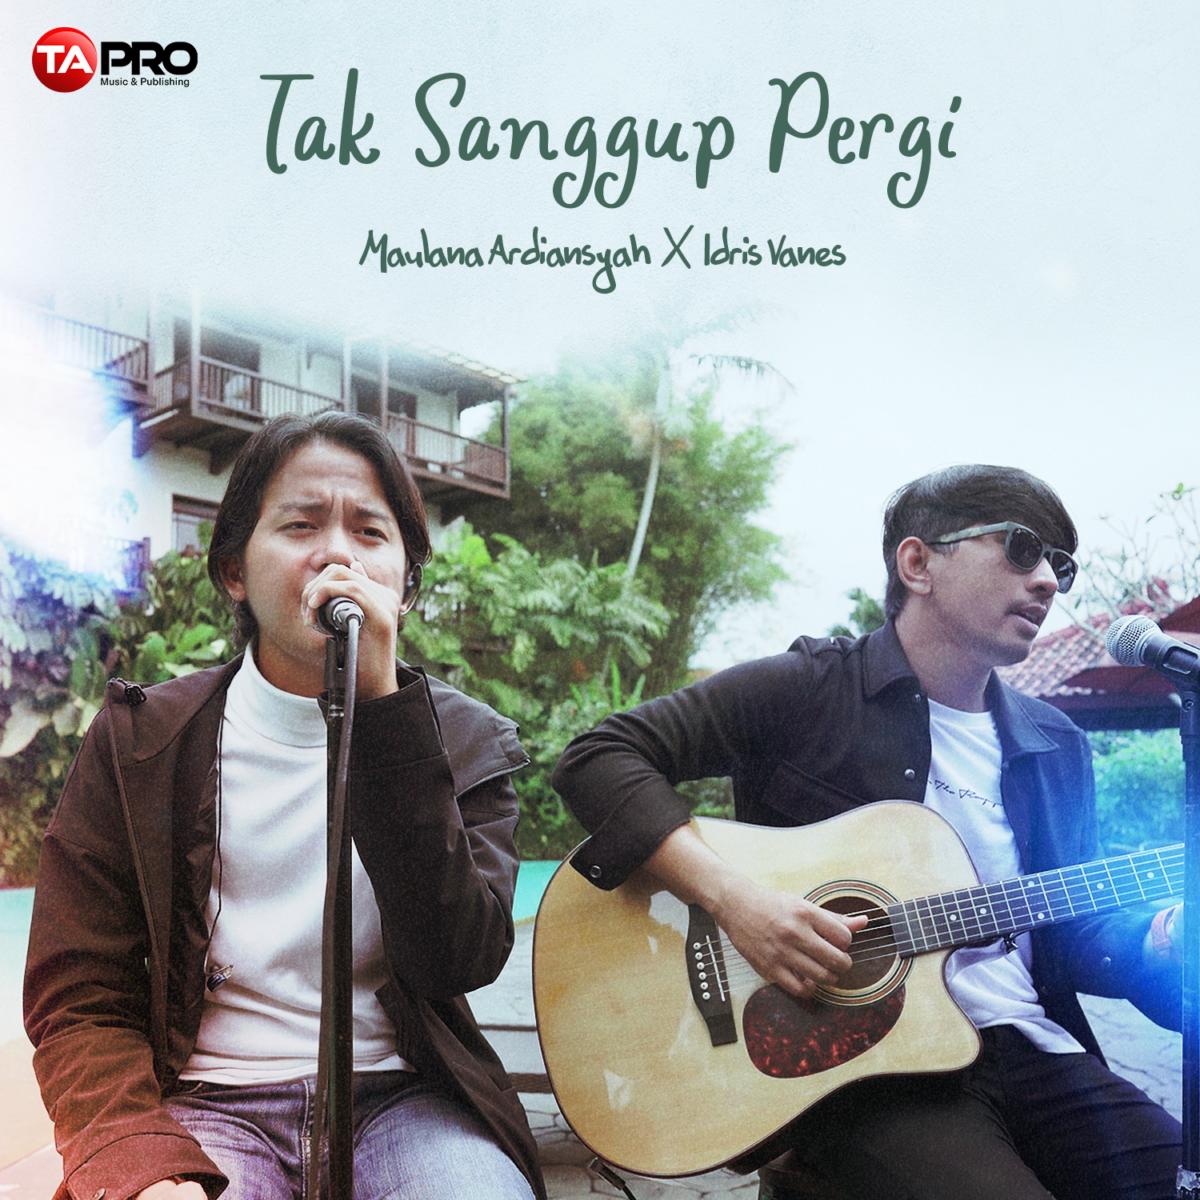 Hadir Dengan Genre Akustik, Maulana Ardiansyah Rilis 'Tak Sanggup Pergi'